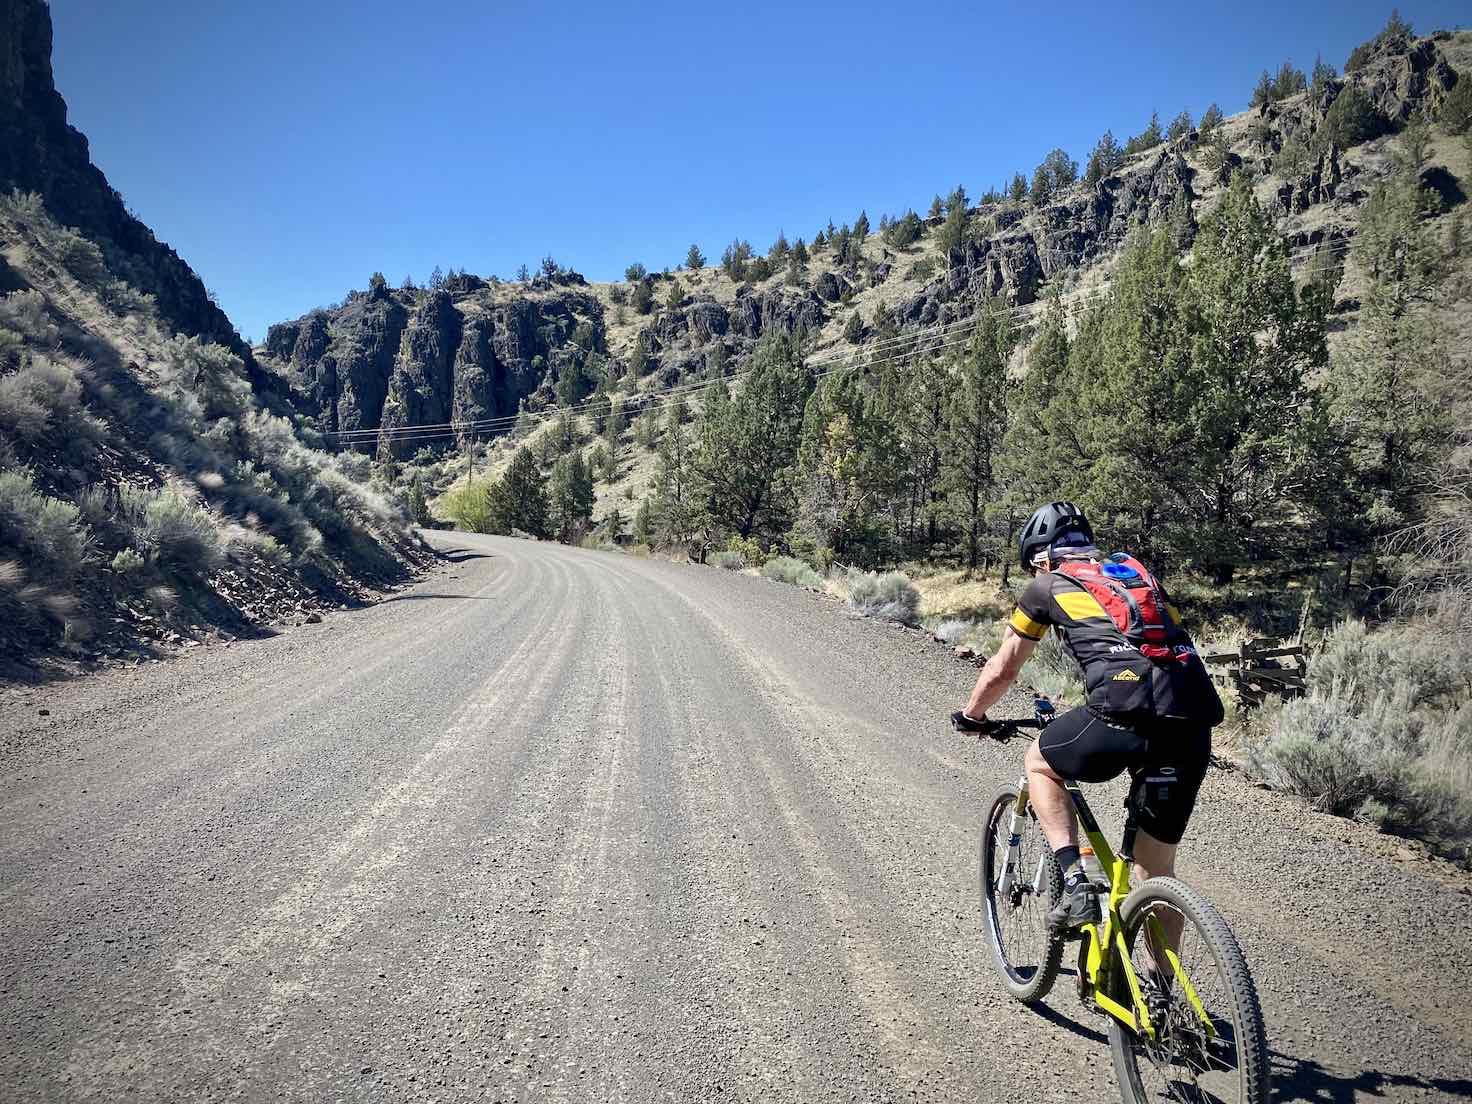 Biker on mountain bike on gravel road near Prineville, OR.